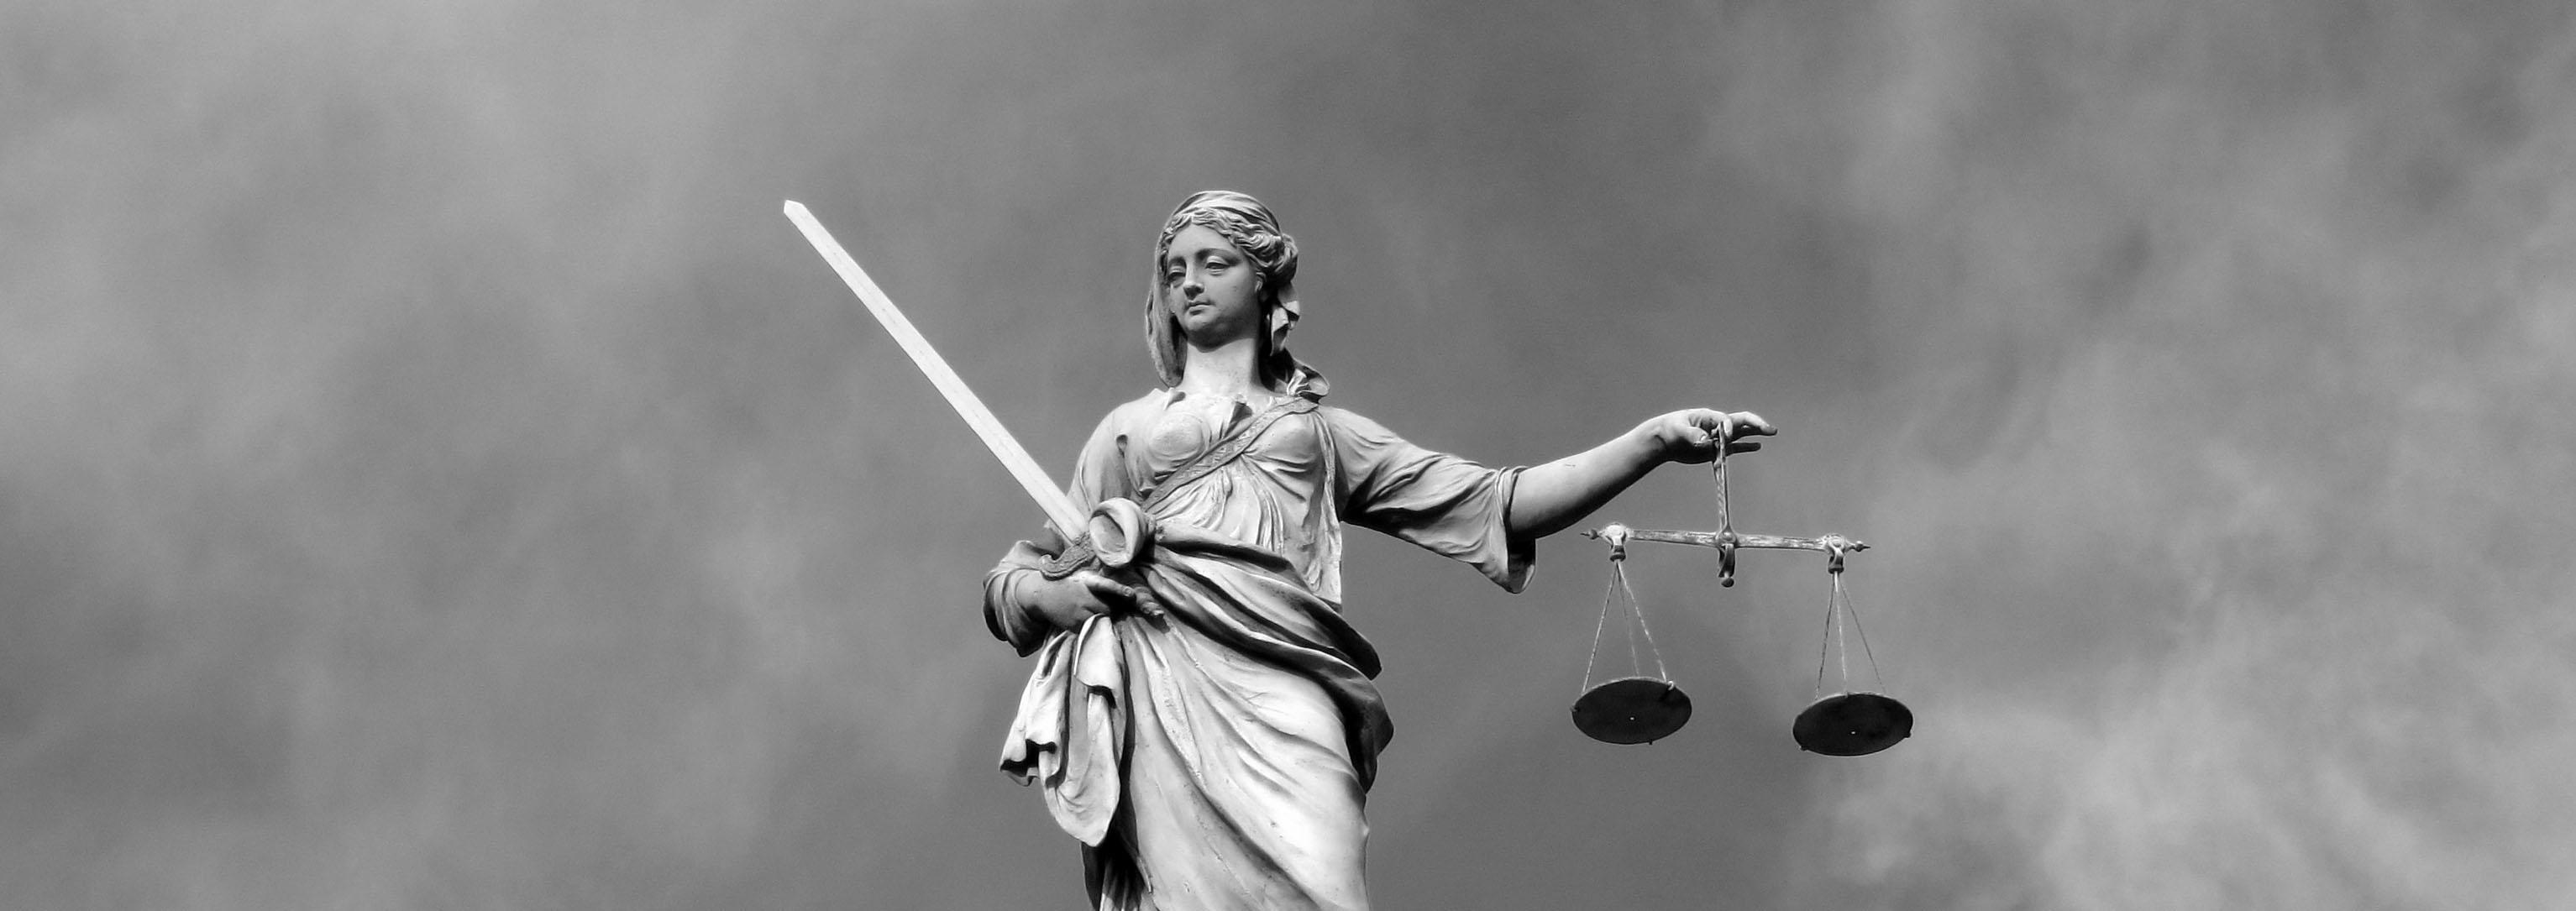 justiceNB